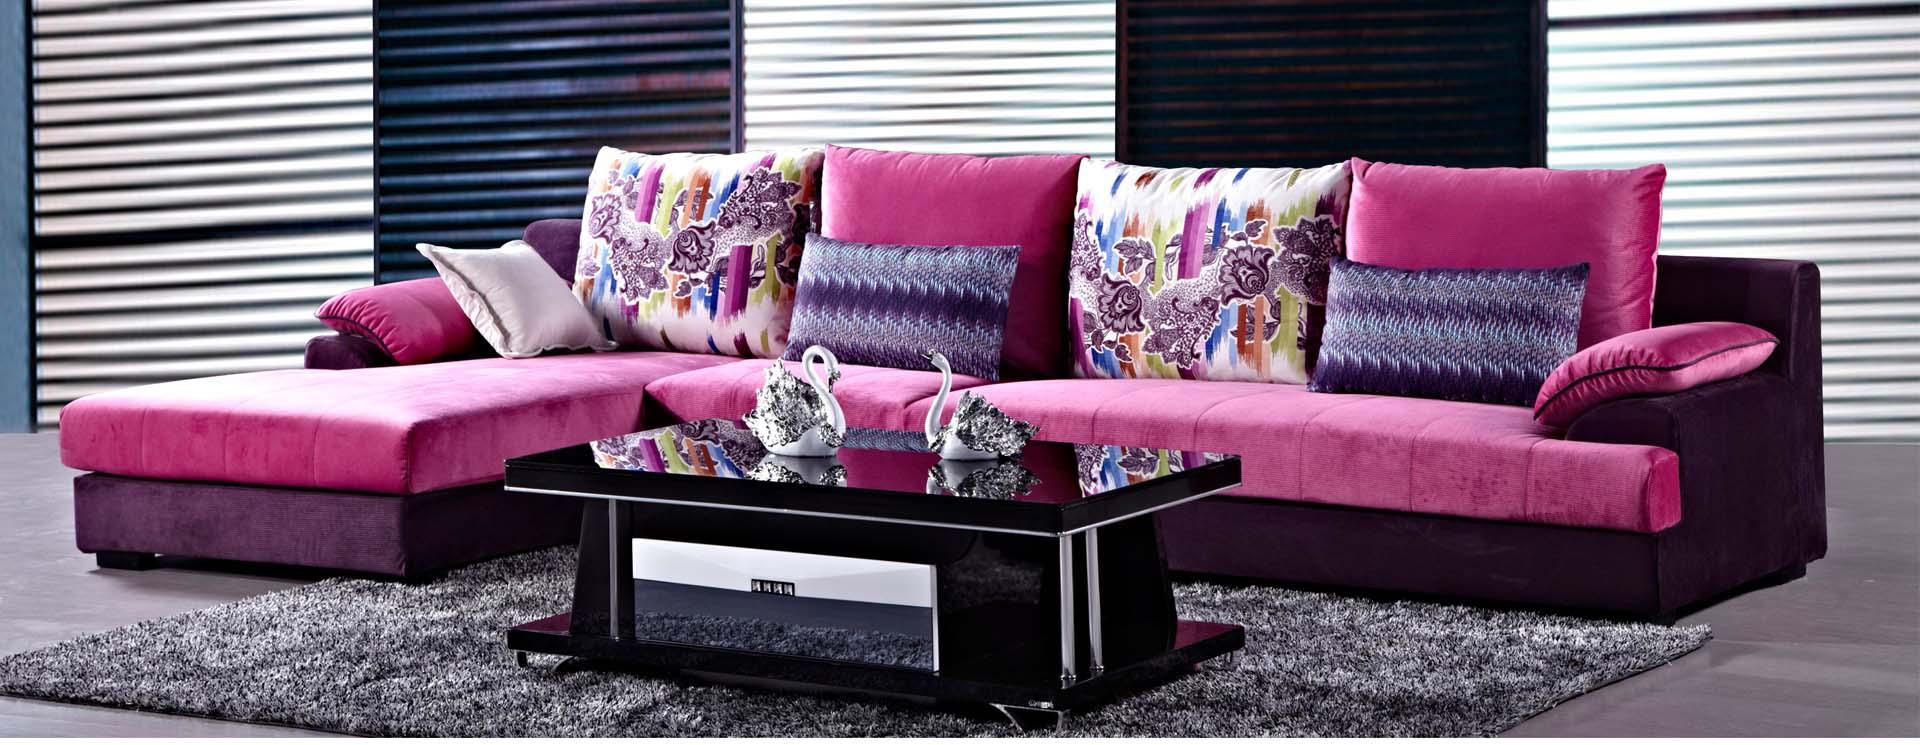 名称:沙发SF306#B<br/> 市场价:<font style='color:#999;text-decoration:line-through;'>¥0</font><br />全国统一零售价:<font color='Red'>¥0.0</font>